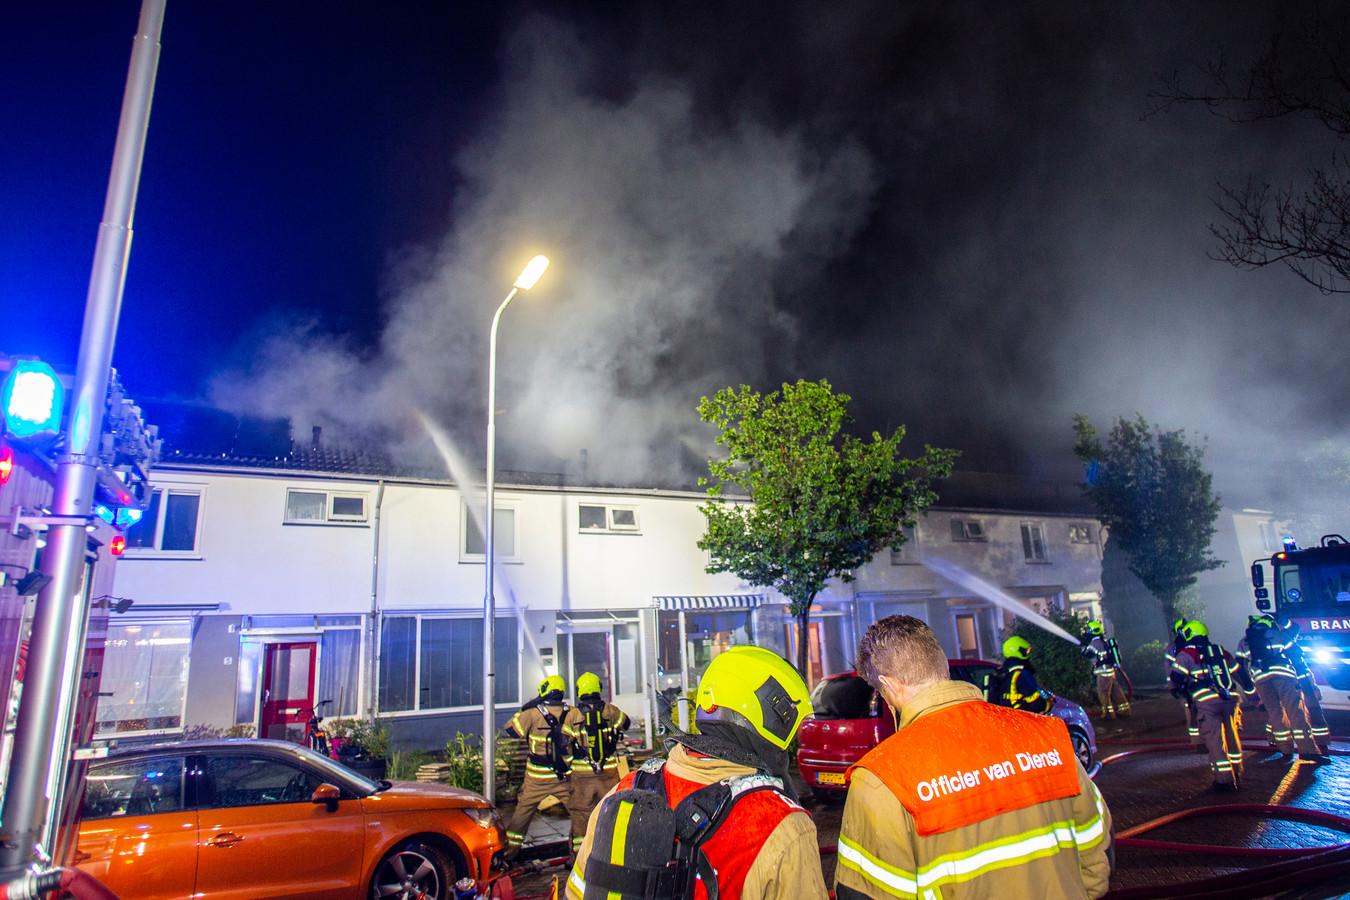 De brandweer probeert de vlamvattende daken in de Frederik Hendrikstraat te blussen.